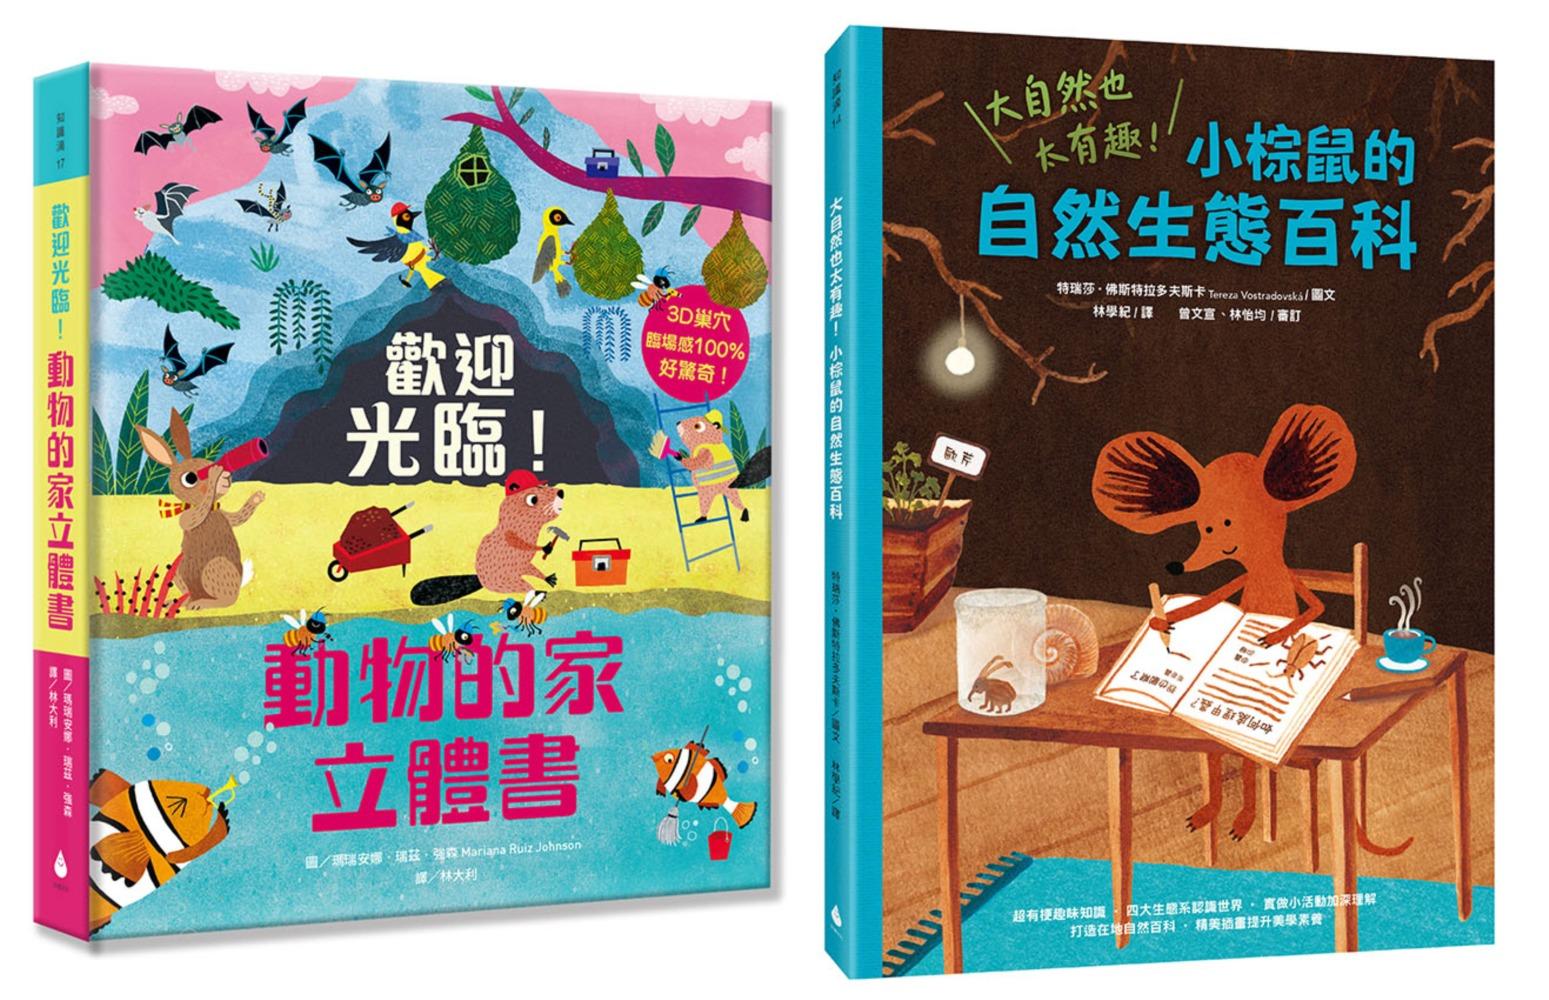 觀察力╳好奇心╳想像力 科研素養養成套書(歡迎光臨!動物的家立體書+大自然也太有趣!小棕鼠的自然生態百科)